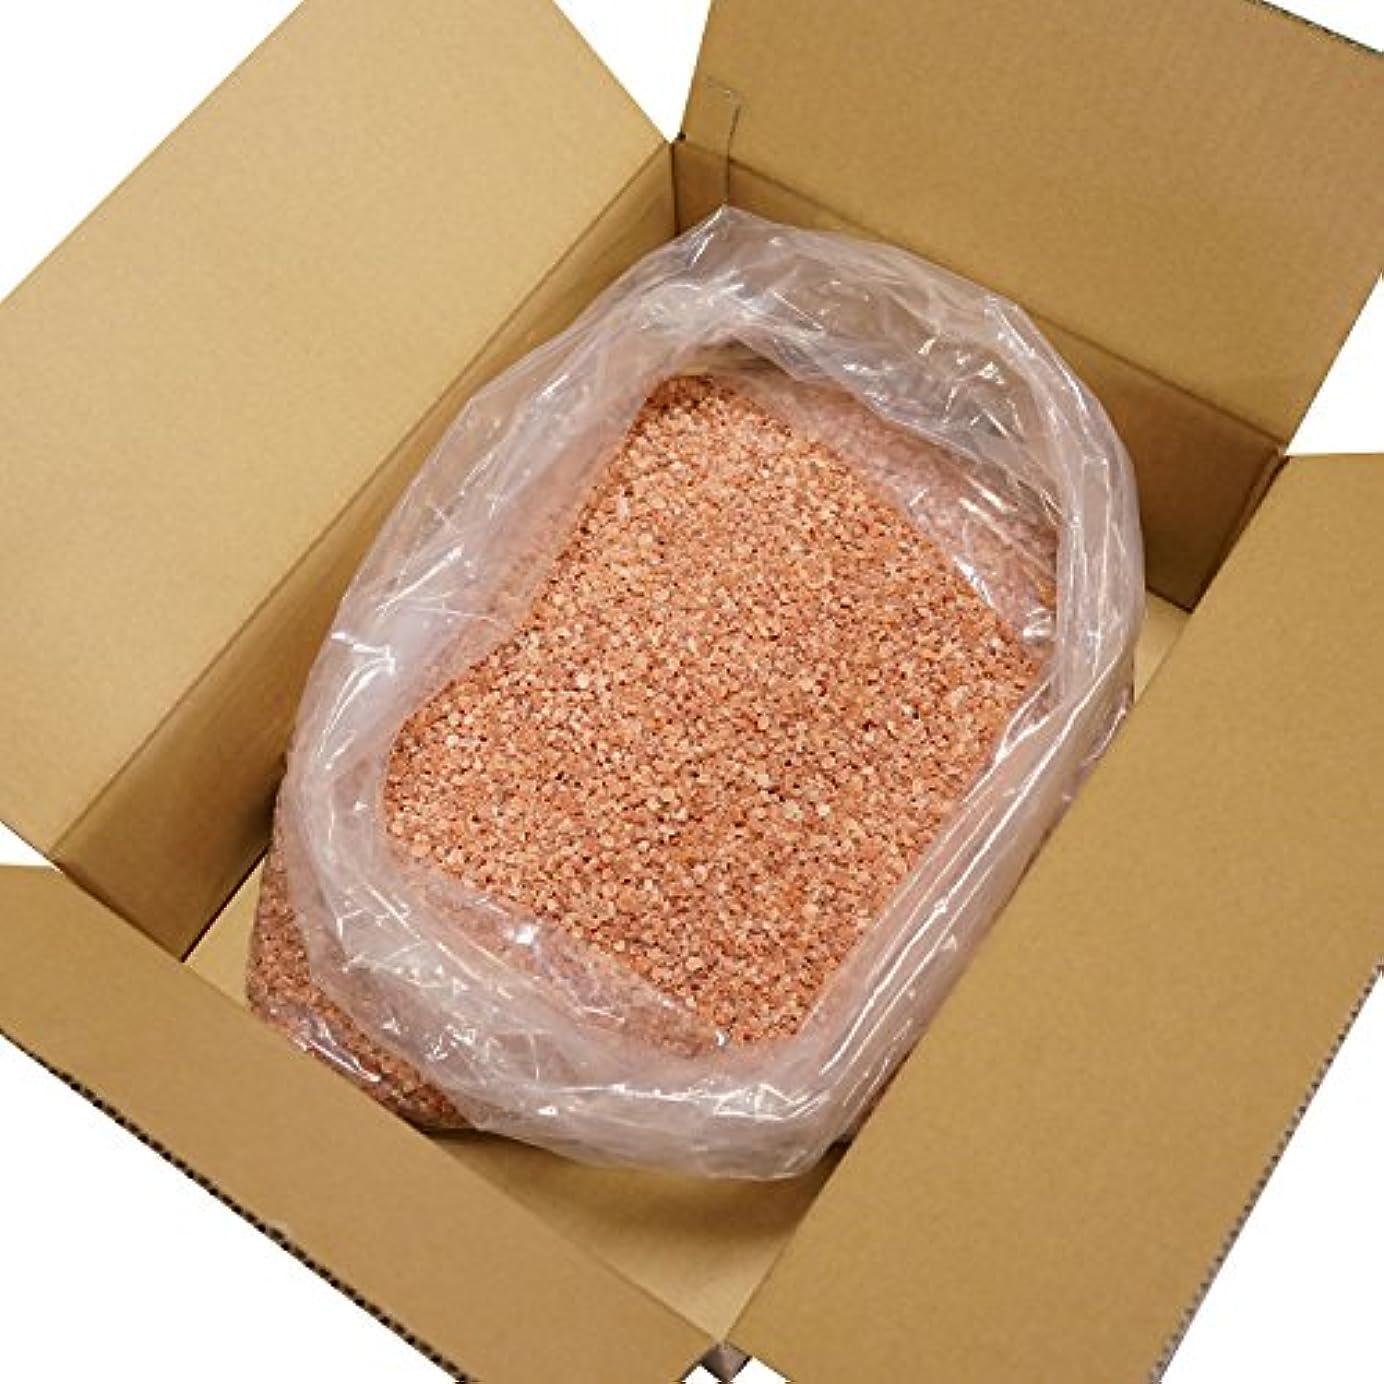 カートリッジ造船バリケードヒマラヤ 岩塩 ピンク グレイン 粒タイプ 業務用 原料 (5kg)